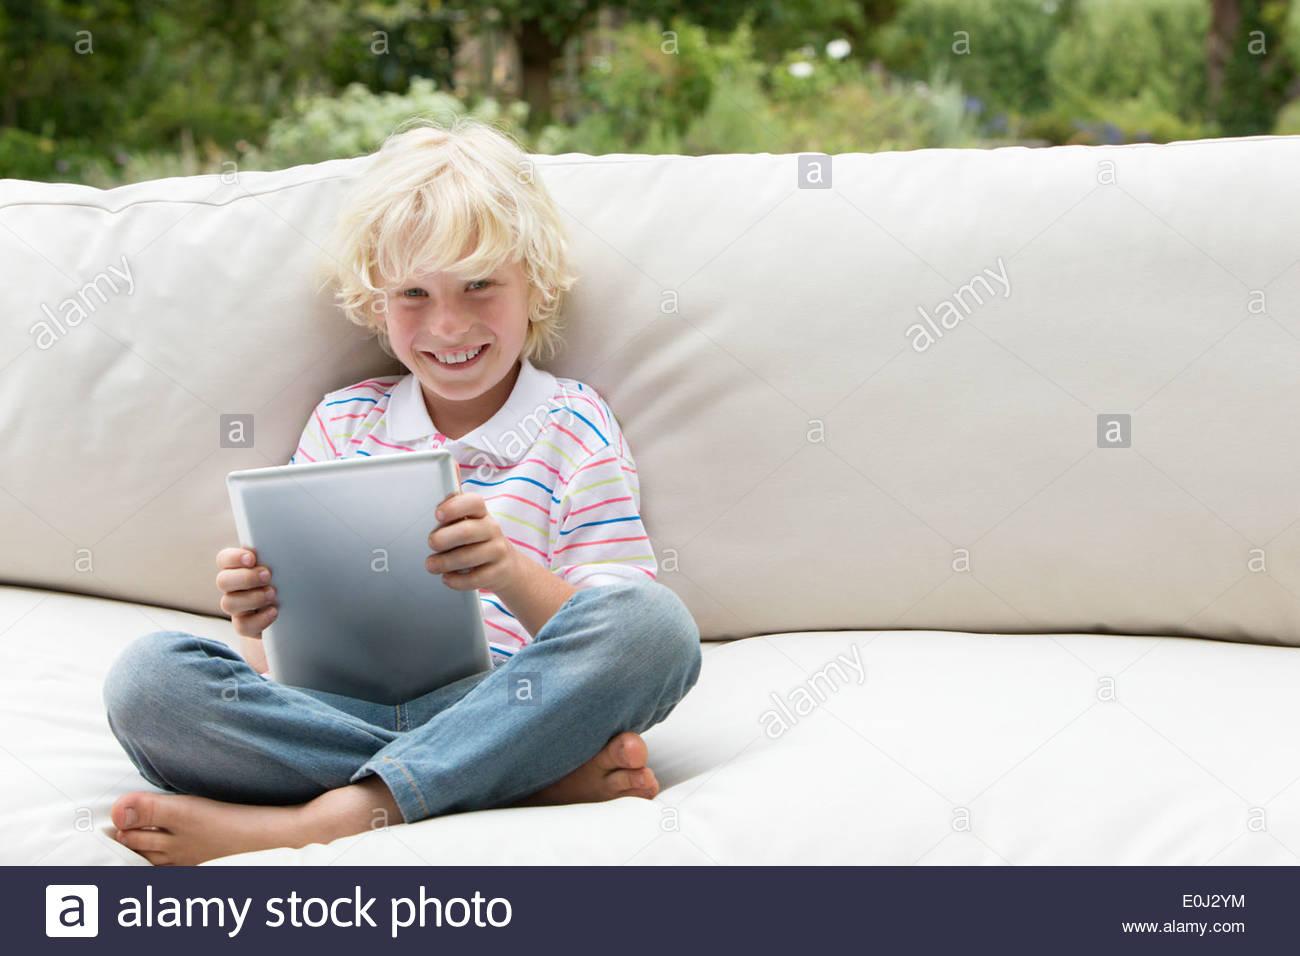 Ritratto di ragazzo sorridente con tavoletta digitale sul divano per esterni Immagini Stock